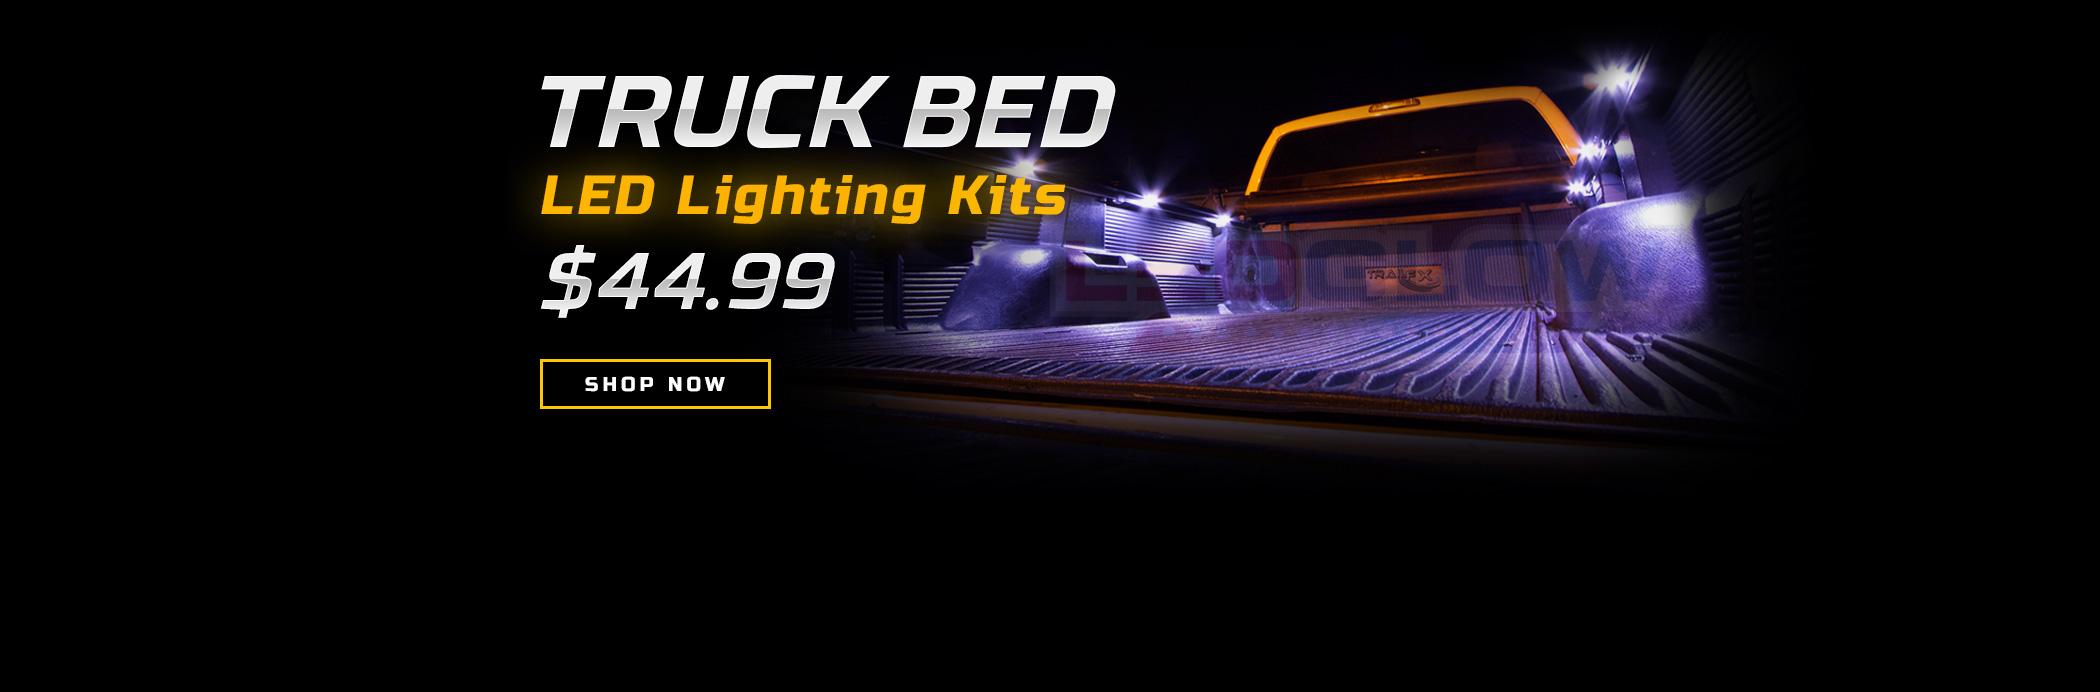 LED Truck Bed Lights